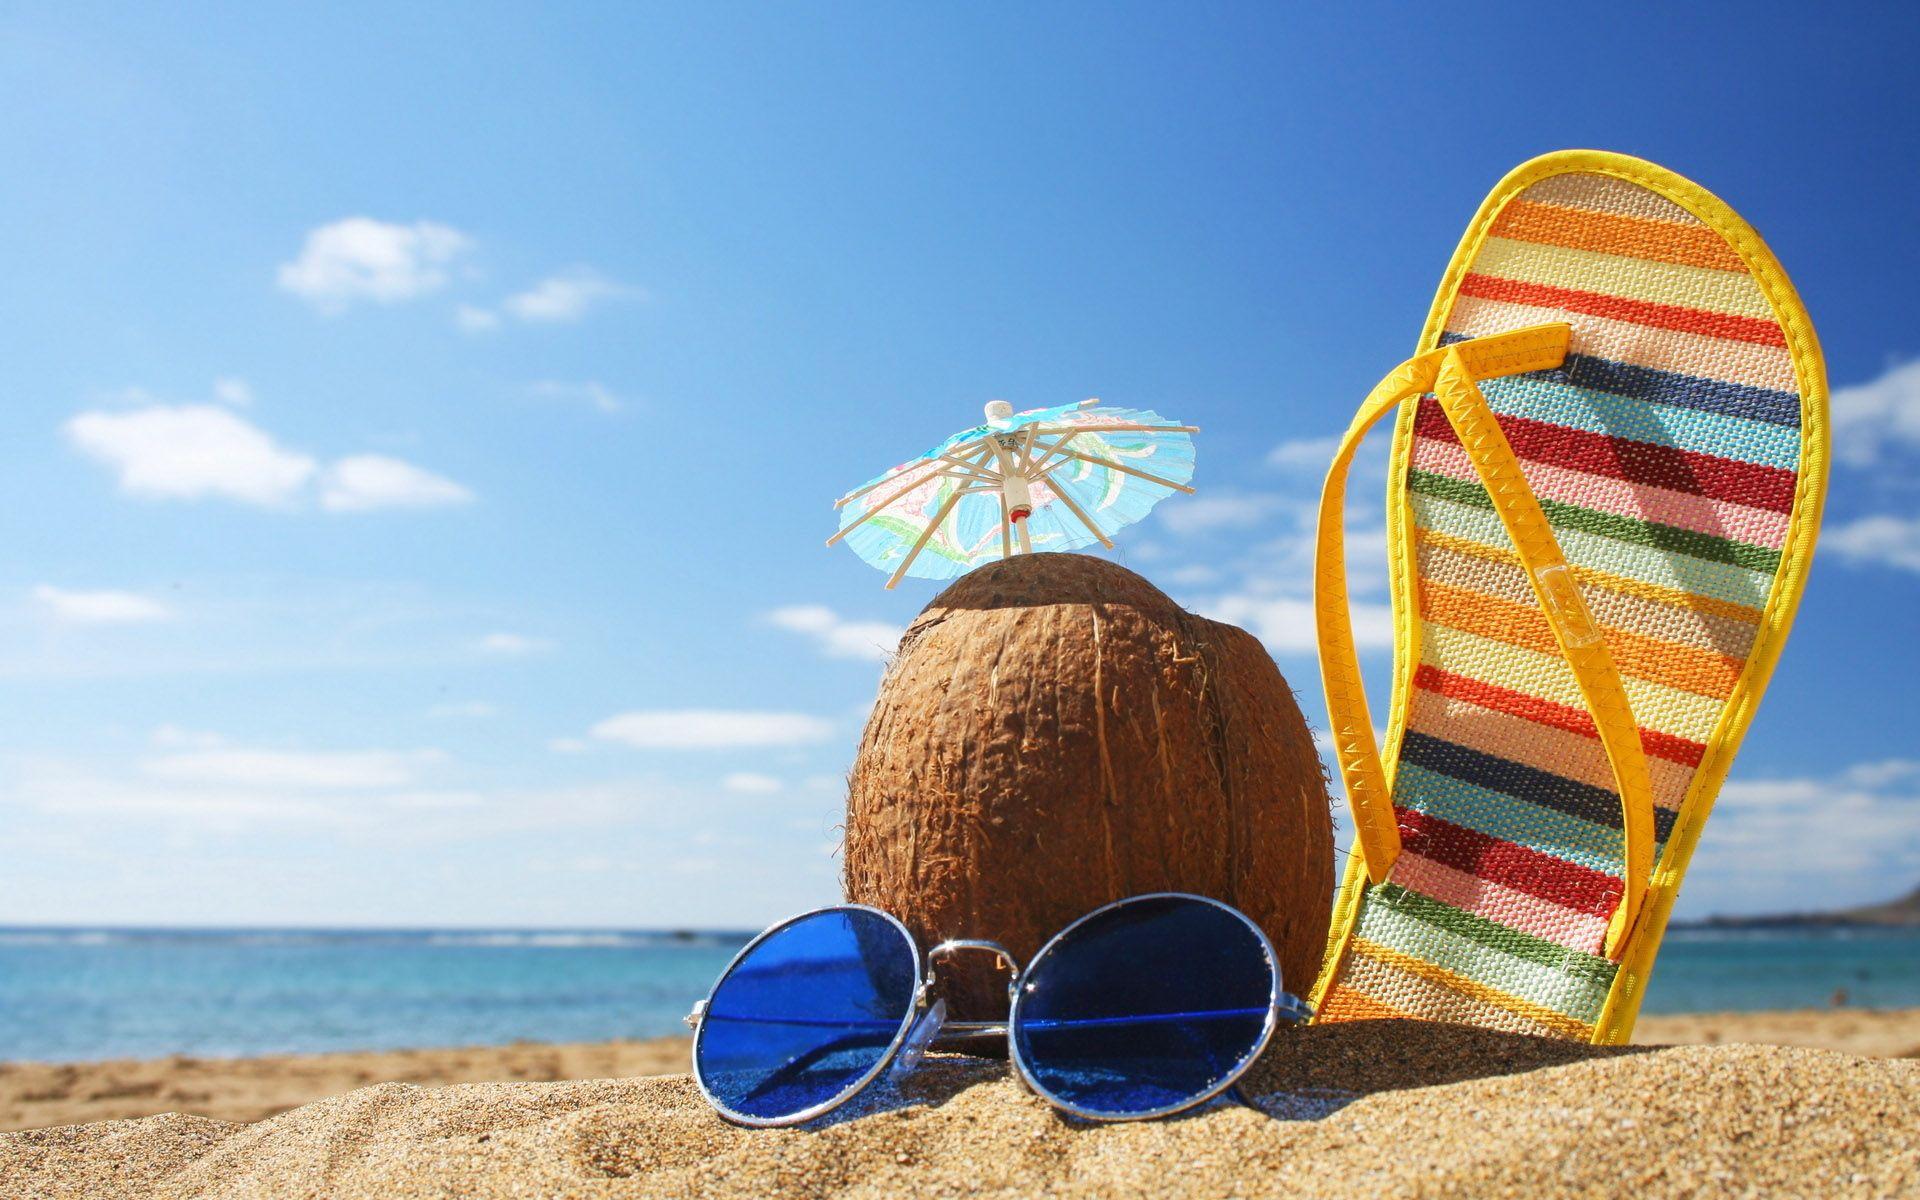 [DEAL] Giảm 30% phí bảo hiểm du lịch quốc tế (hot hot)